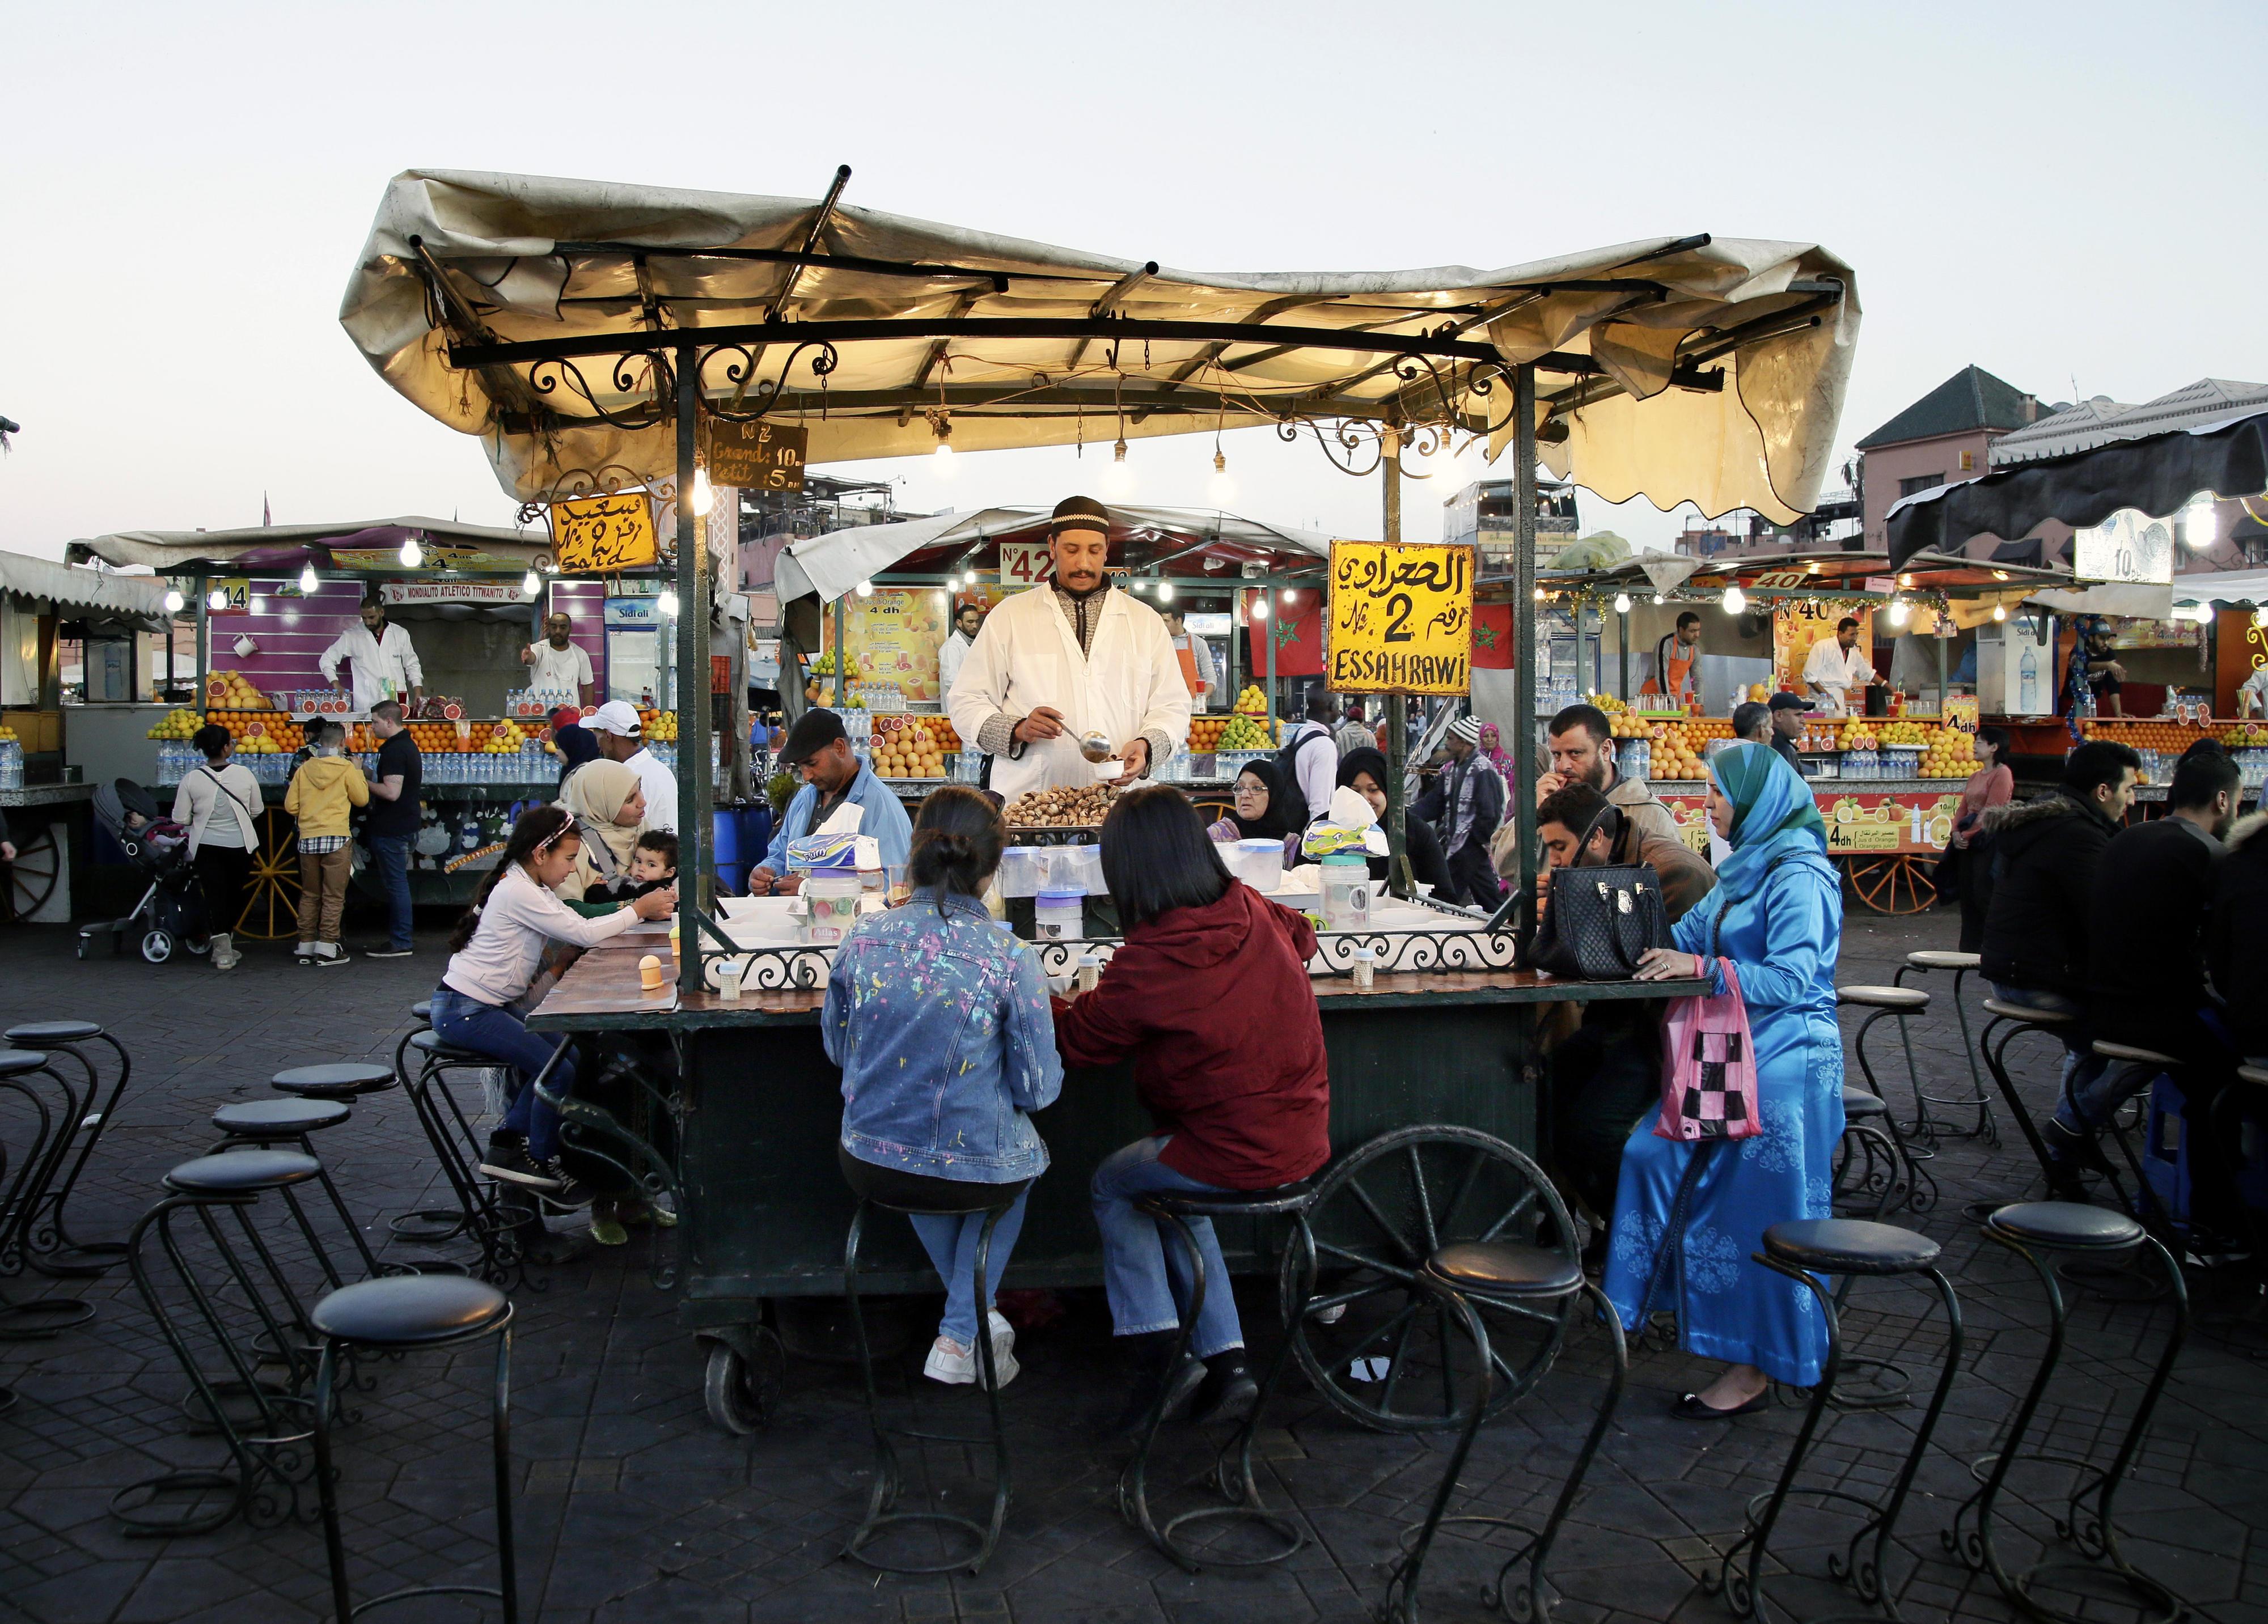 Verkauf von Muschelsuppe – Essensstand auf dem Platz Djemaa el-Fna in Marrakesch, Marokko